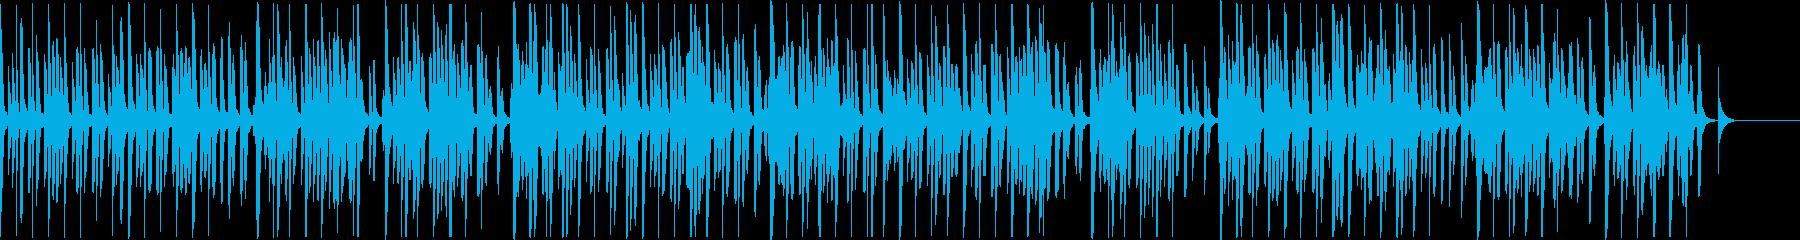 シンプルなミニマルビートの再生済みの波形